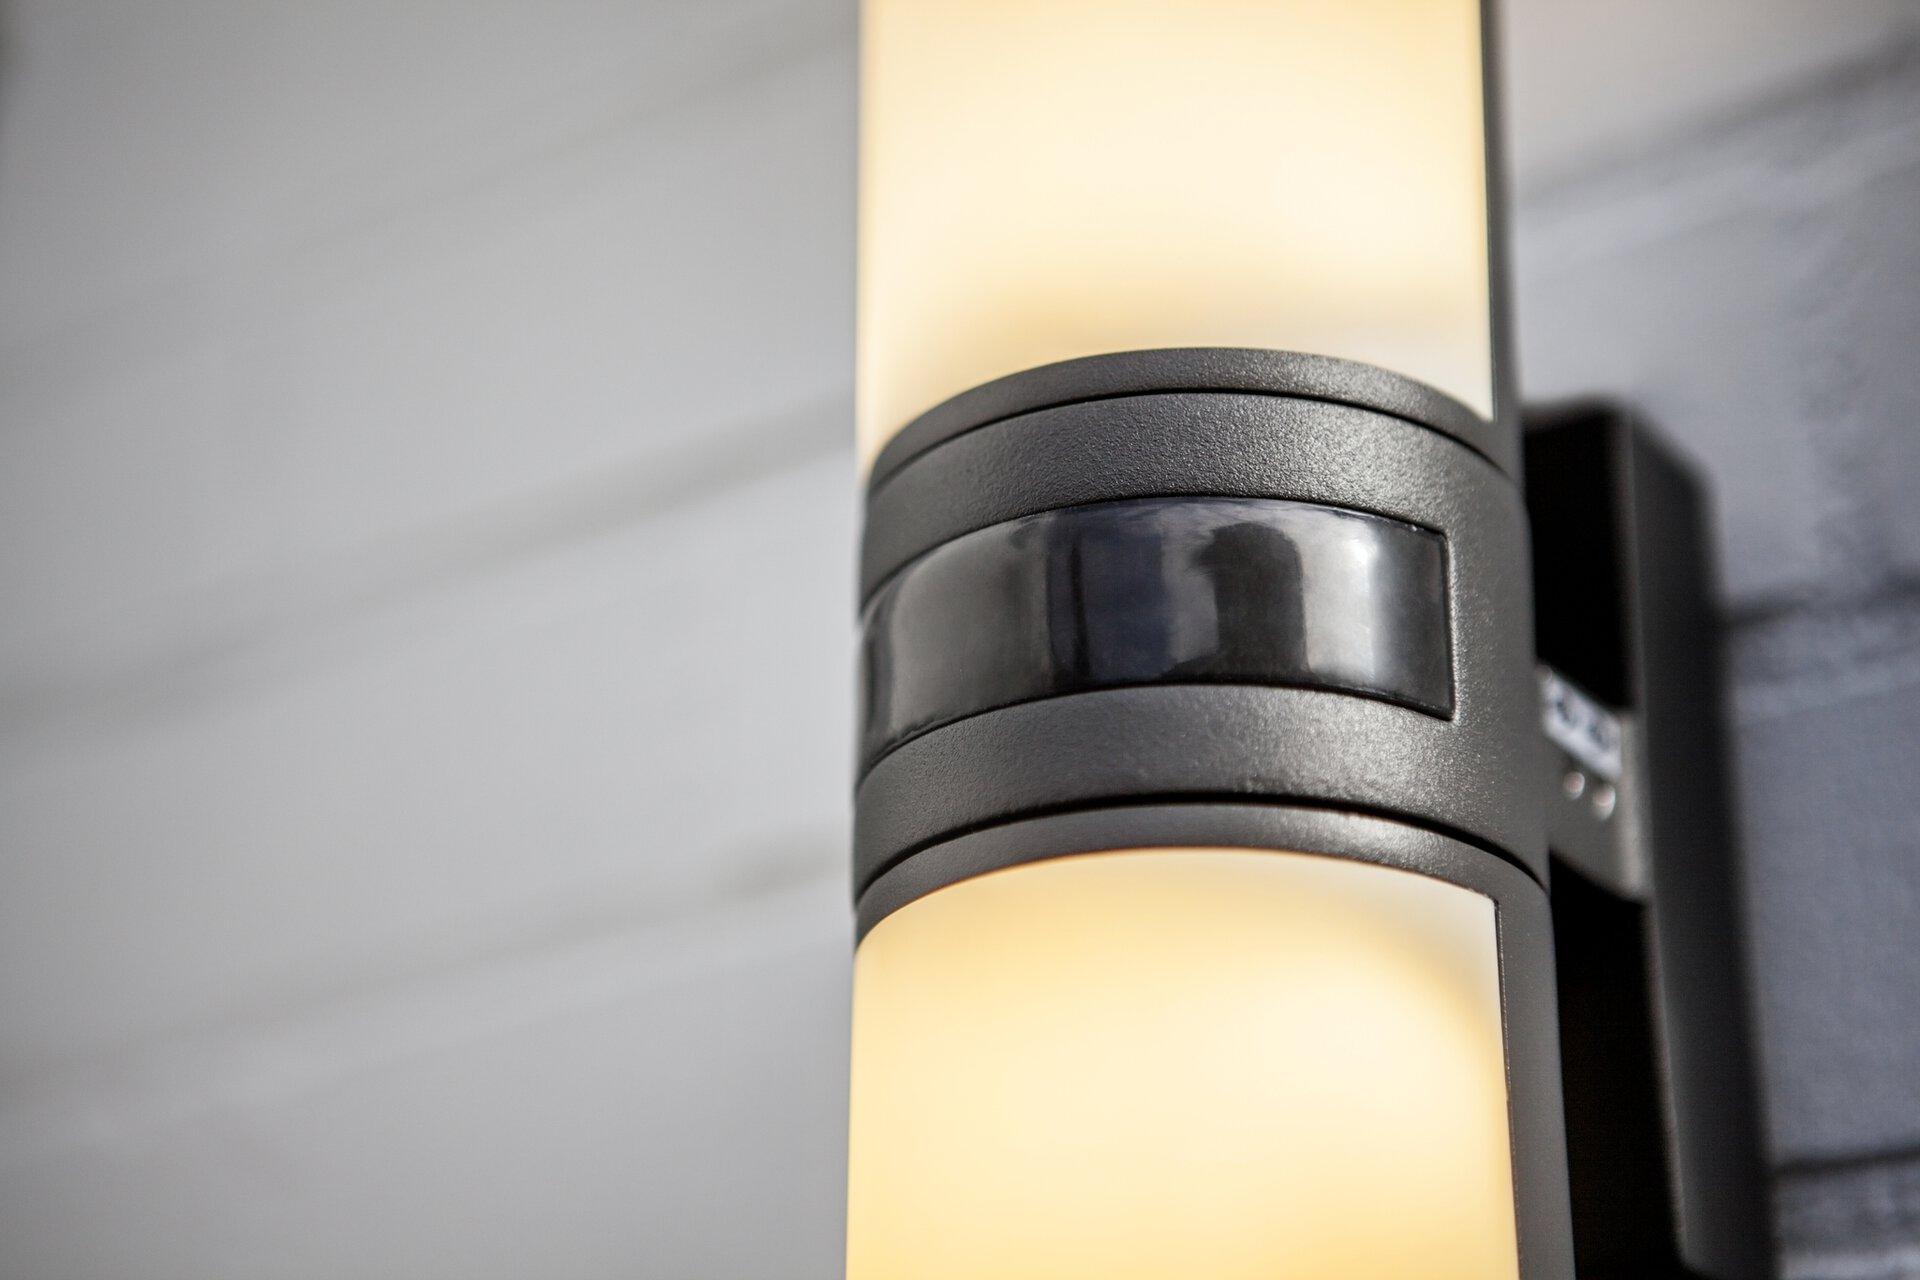 Wand-Aussenleuchte Cyra Eco-Light Metall grau 8 x 25 x 12 cm